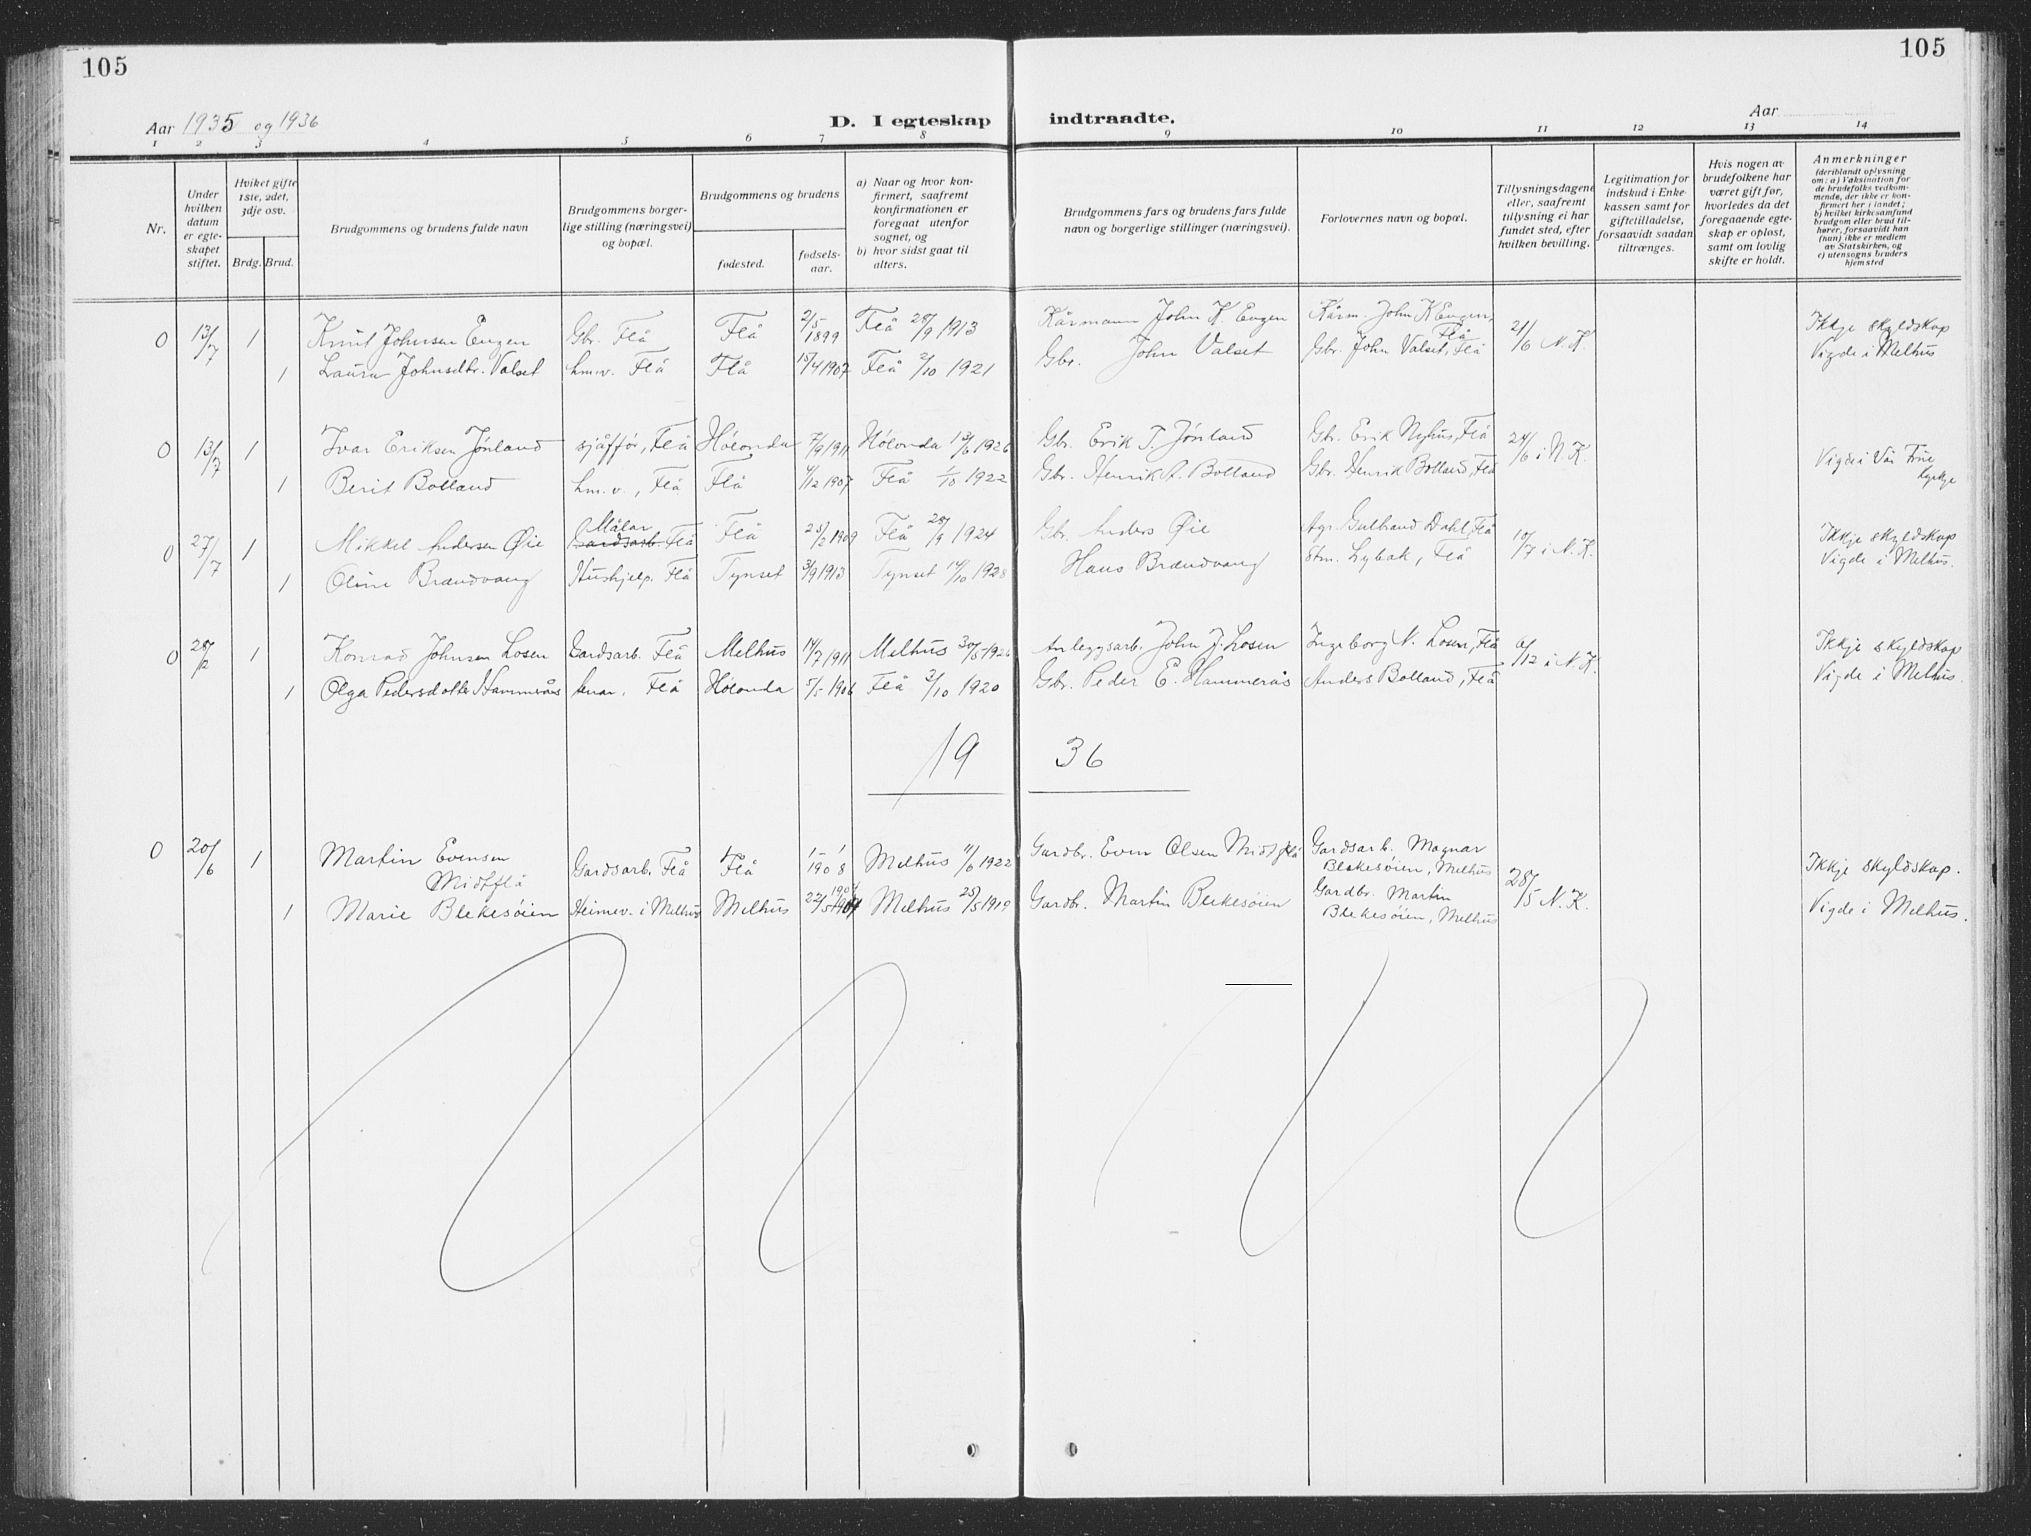 SAT, Ministerialprotokoller, klokkerbøker og fødselsregistre - Sør-Trøndelag, 693/L1124: Klokkerbok nr. 693C05, 1911-1941, s. 105